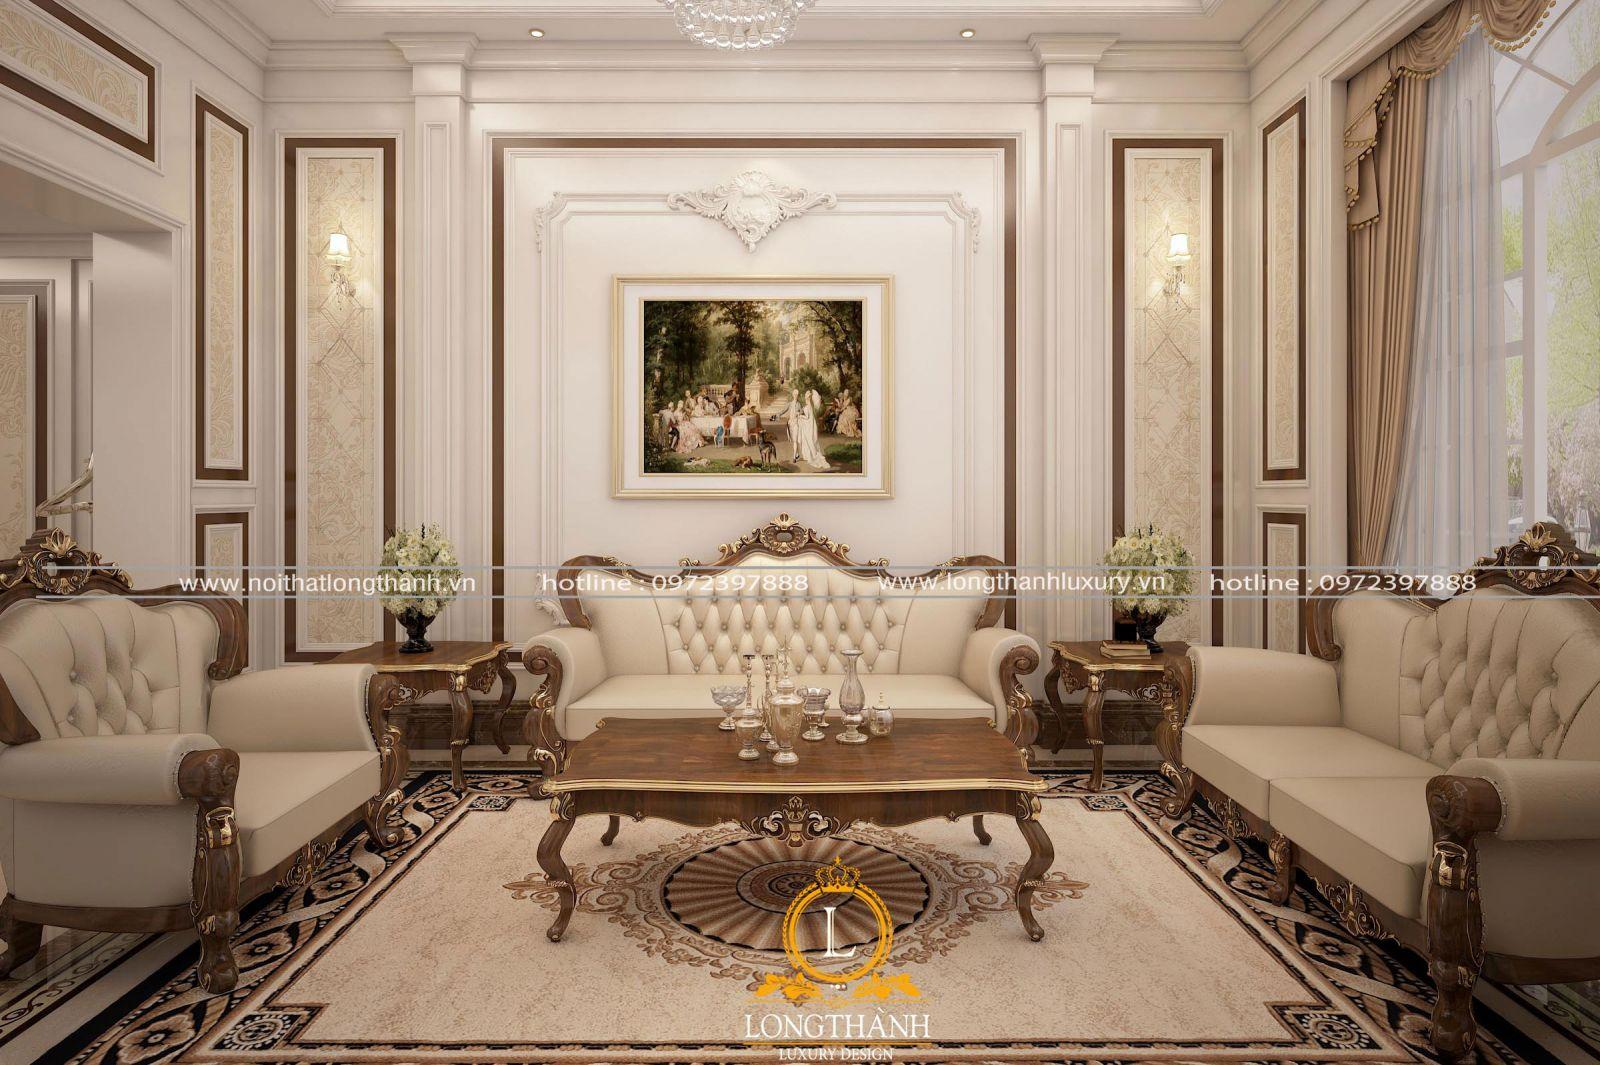 Thảm sofa bằng Polyester êm ái